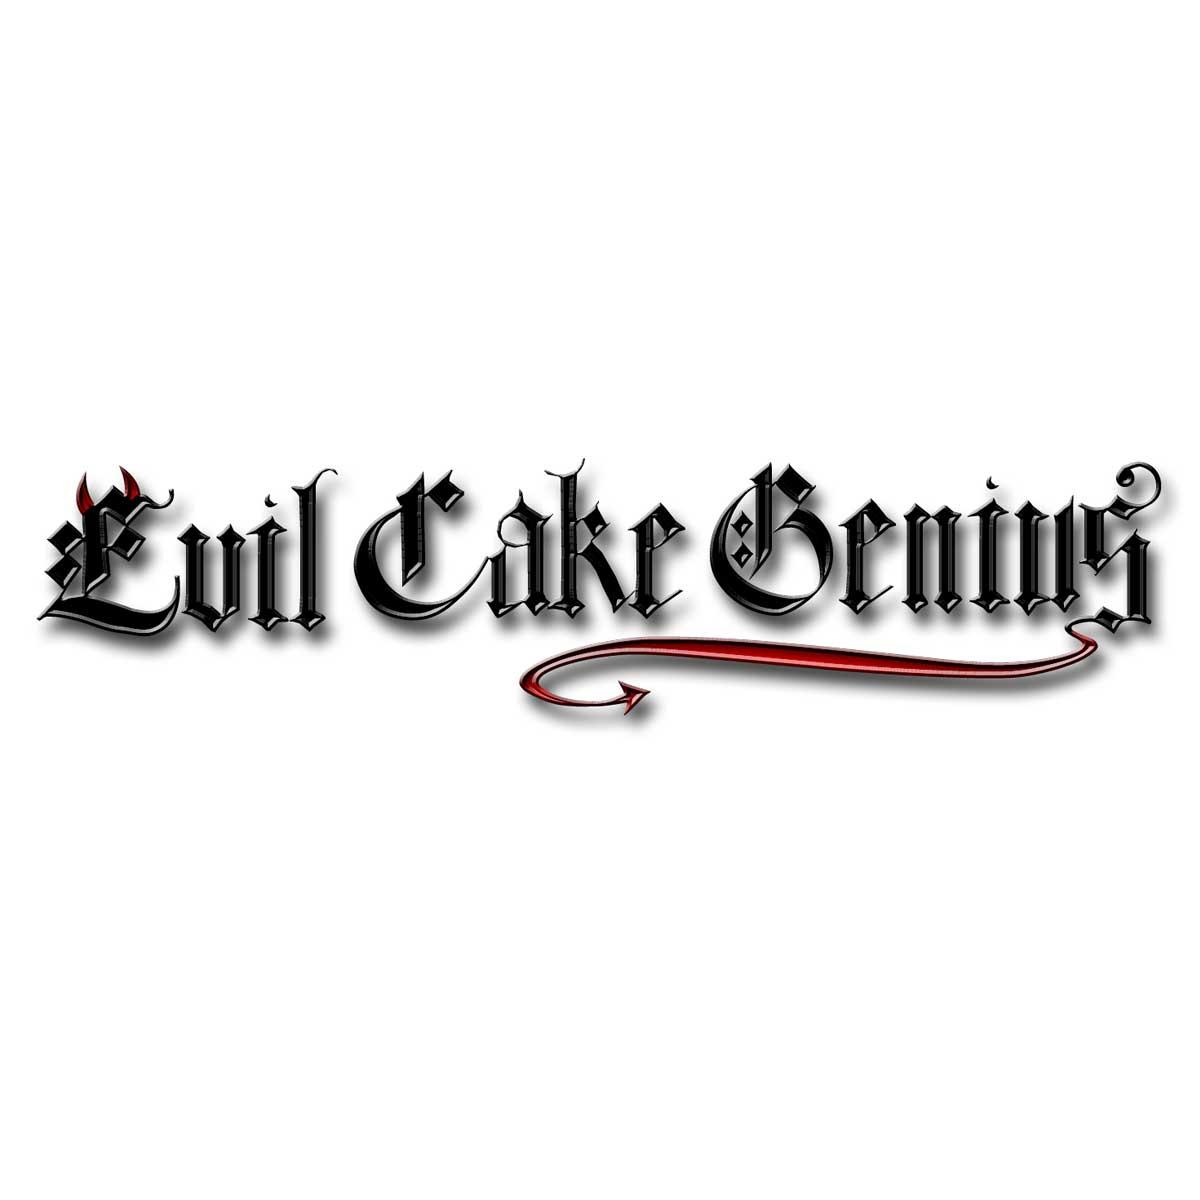 Gold Powder Evil Cake Genius